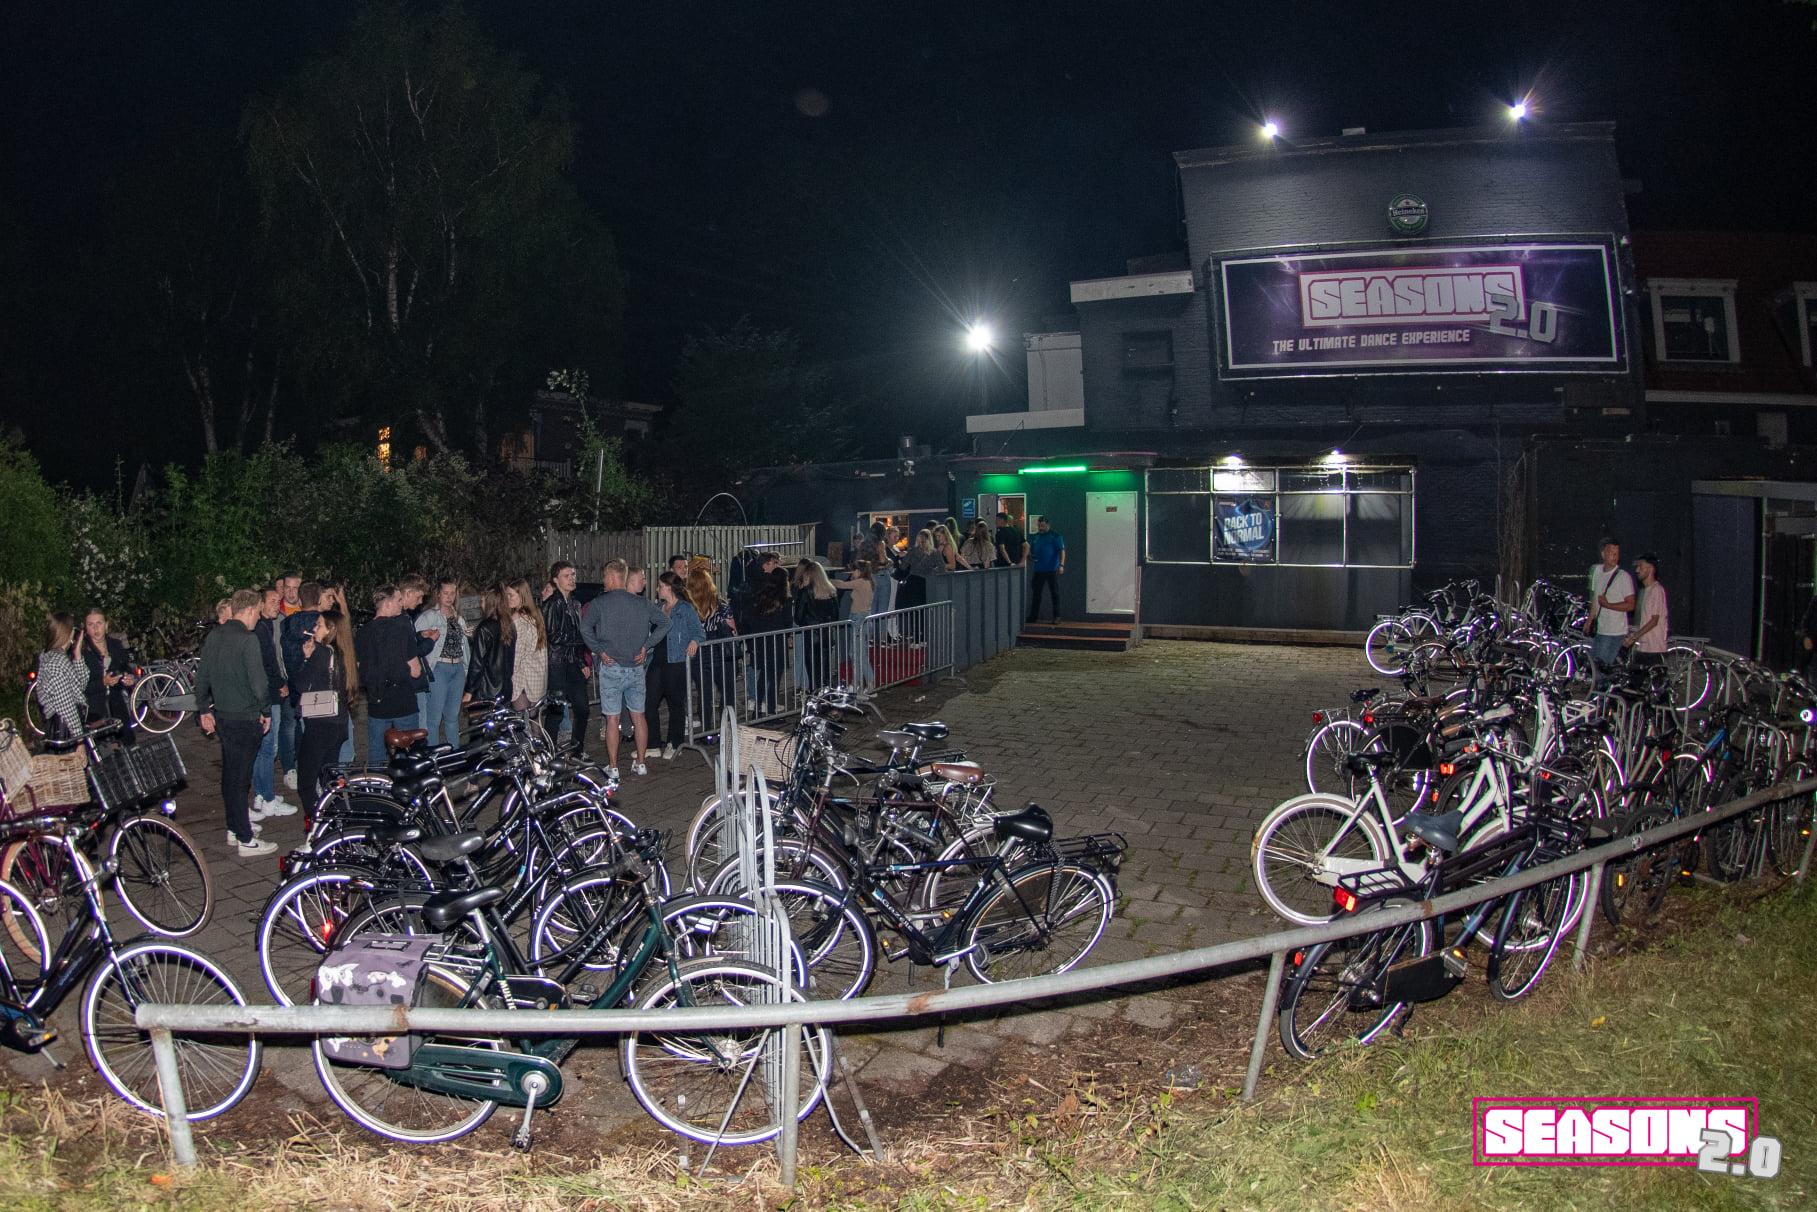 Discotheek Seasons Schoonhoven blijft dicht:  'Sneu voor de jeugd'